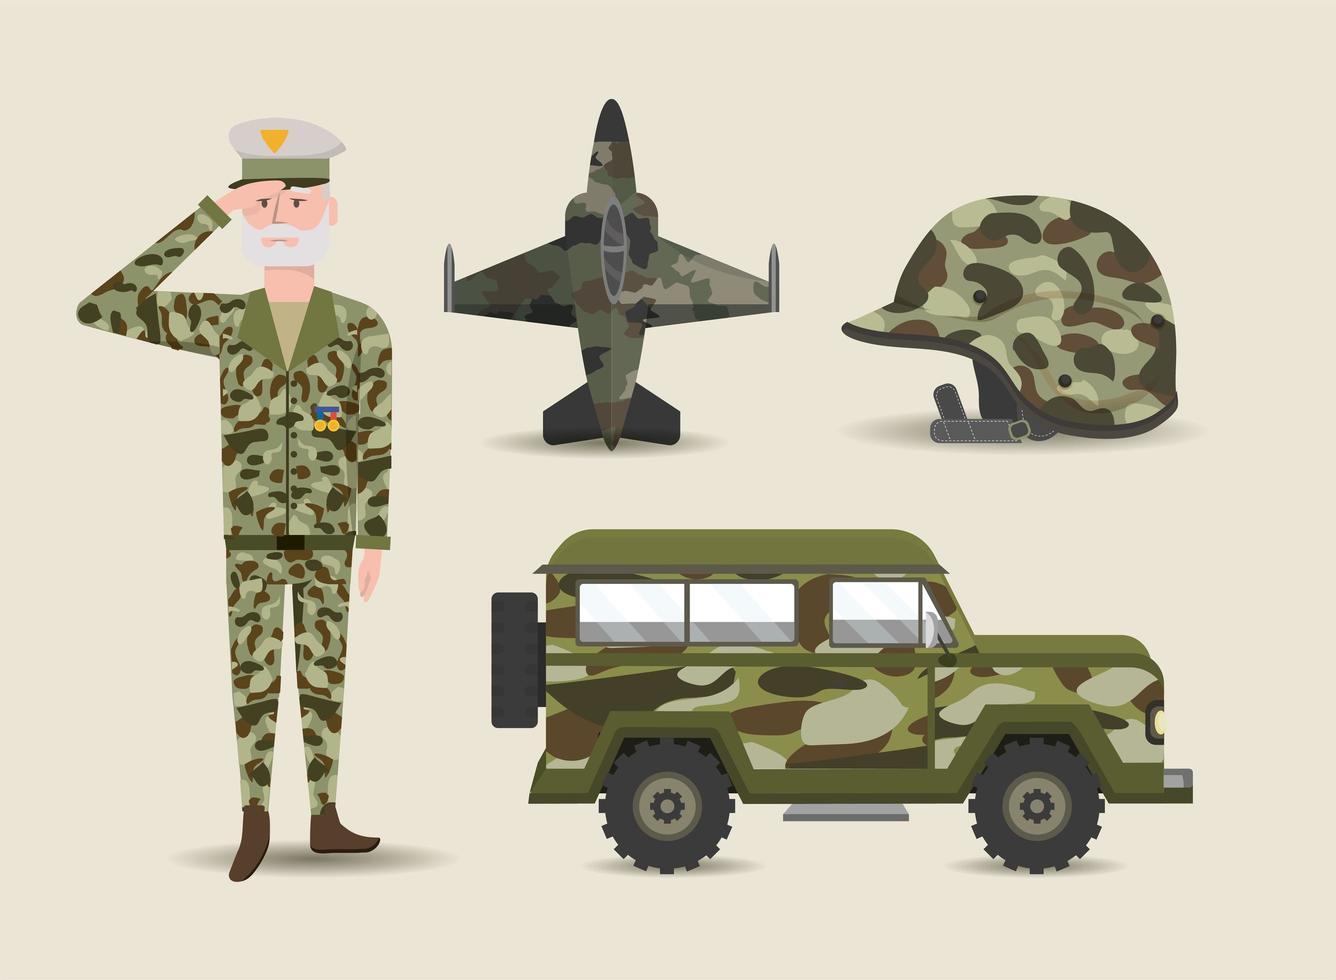 uppsättning soldat- och militär- eller arméföremål vektor